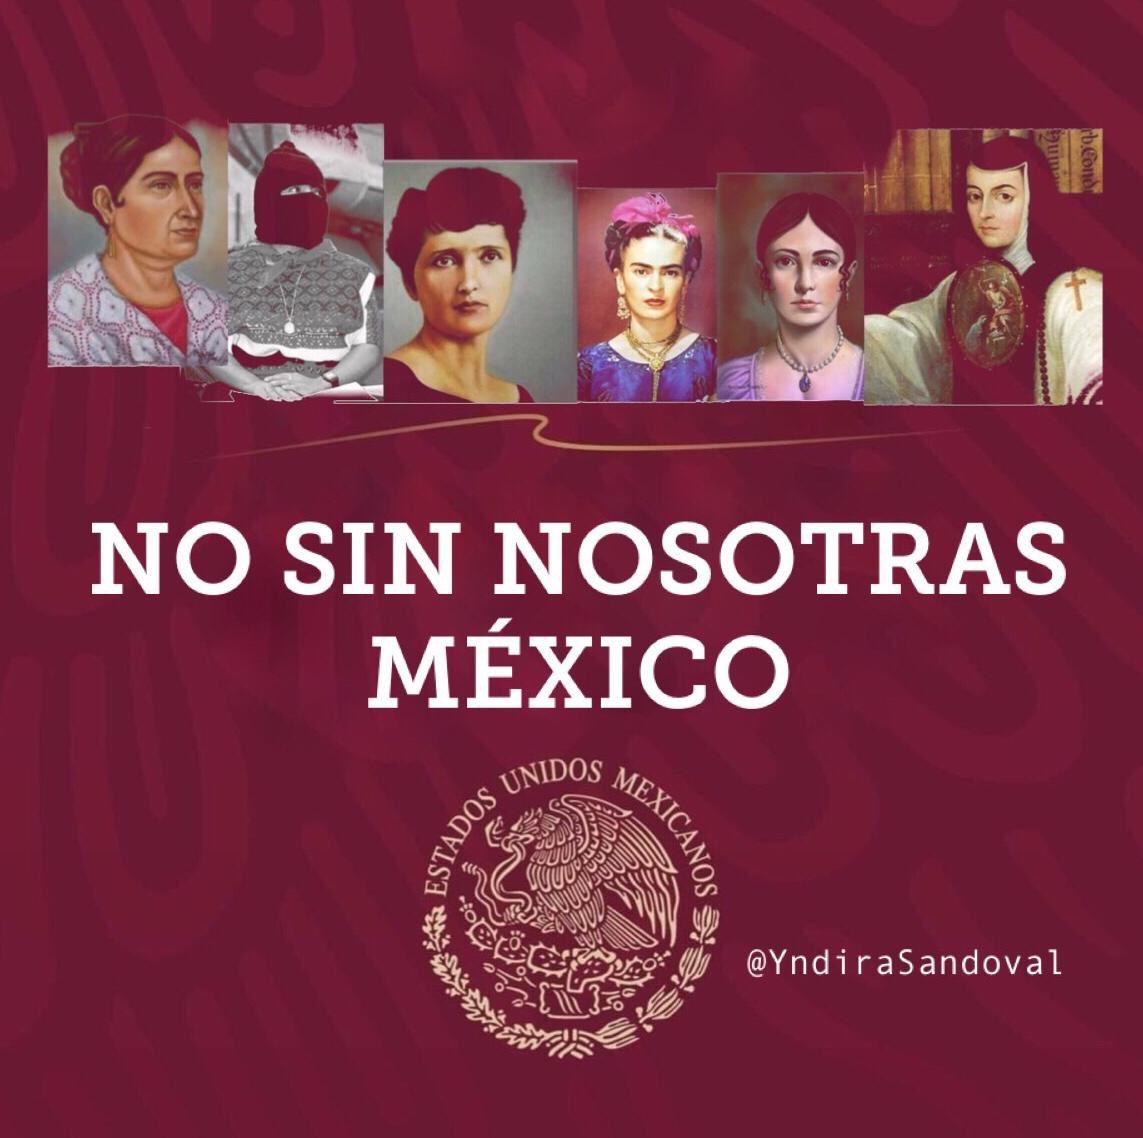 RT @MarthaTagle: #NoSinNosotras @lopezobrador_ https://t.co/8w5RlXidRN